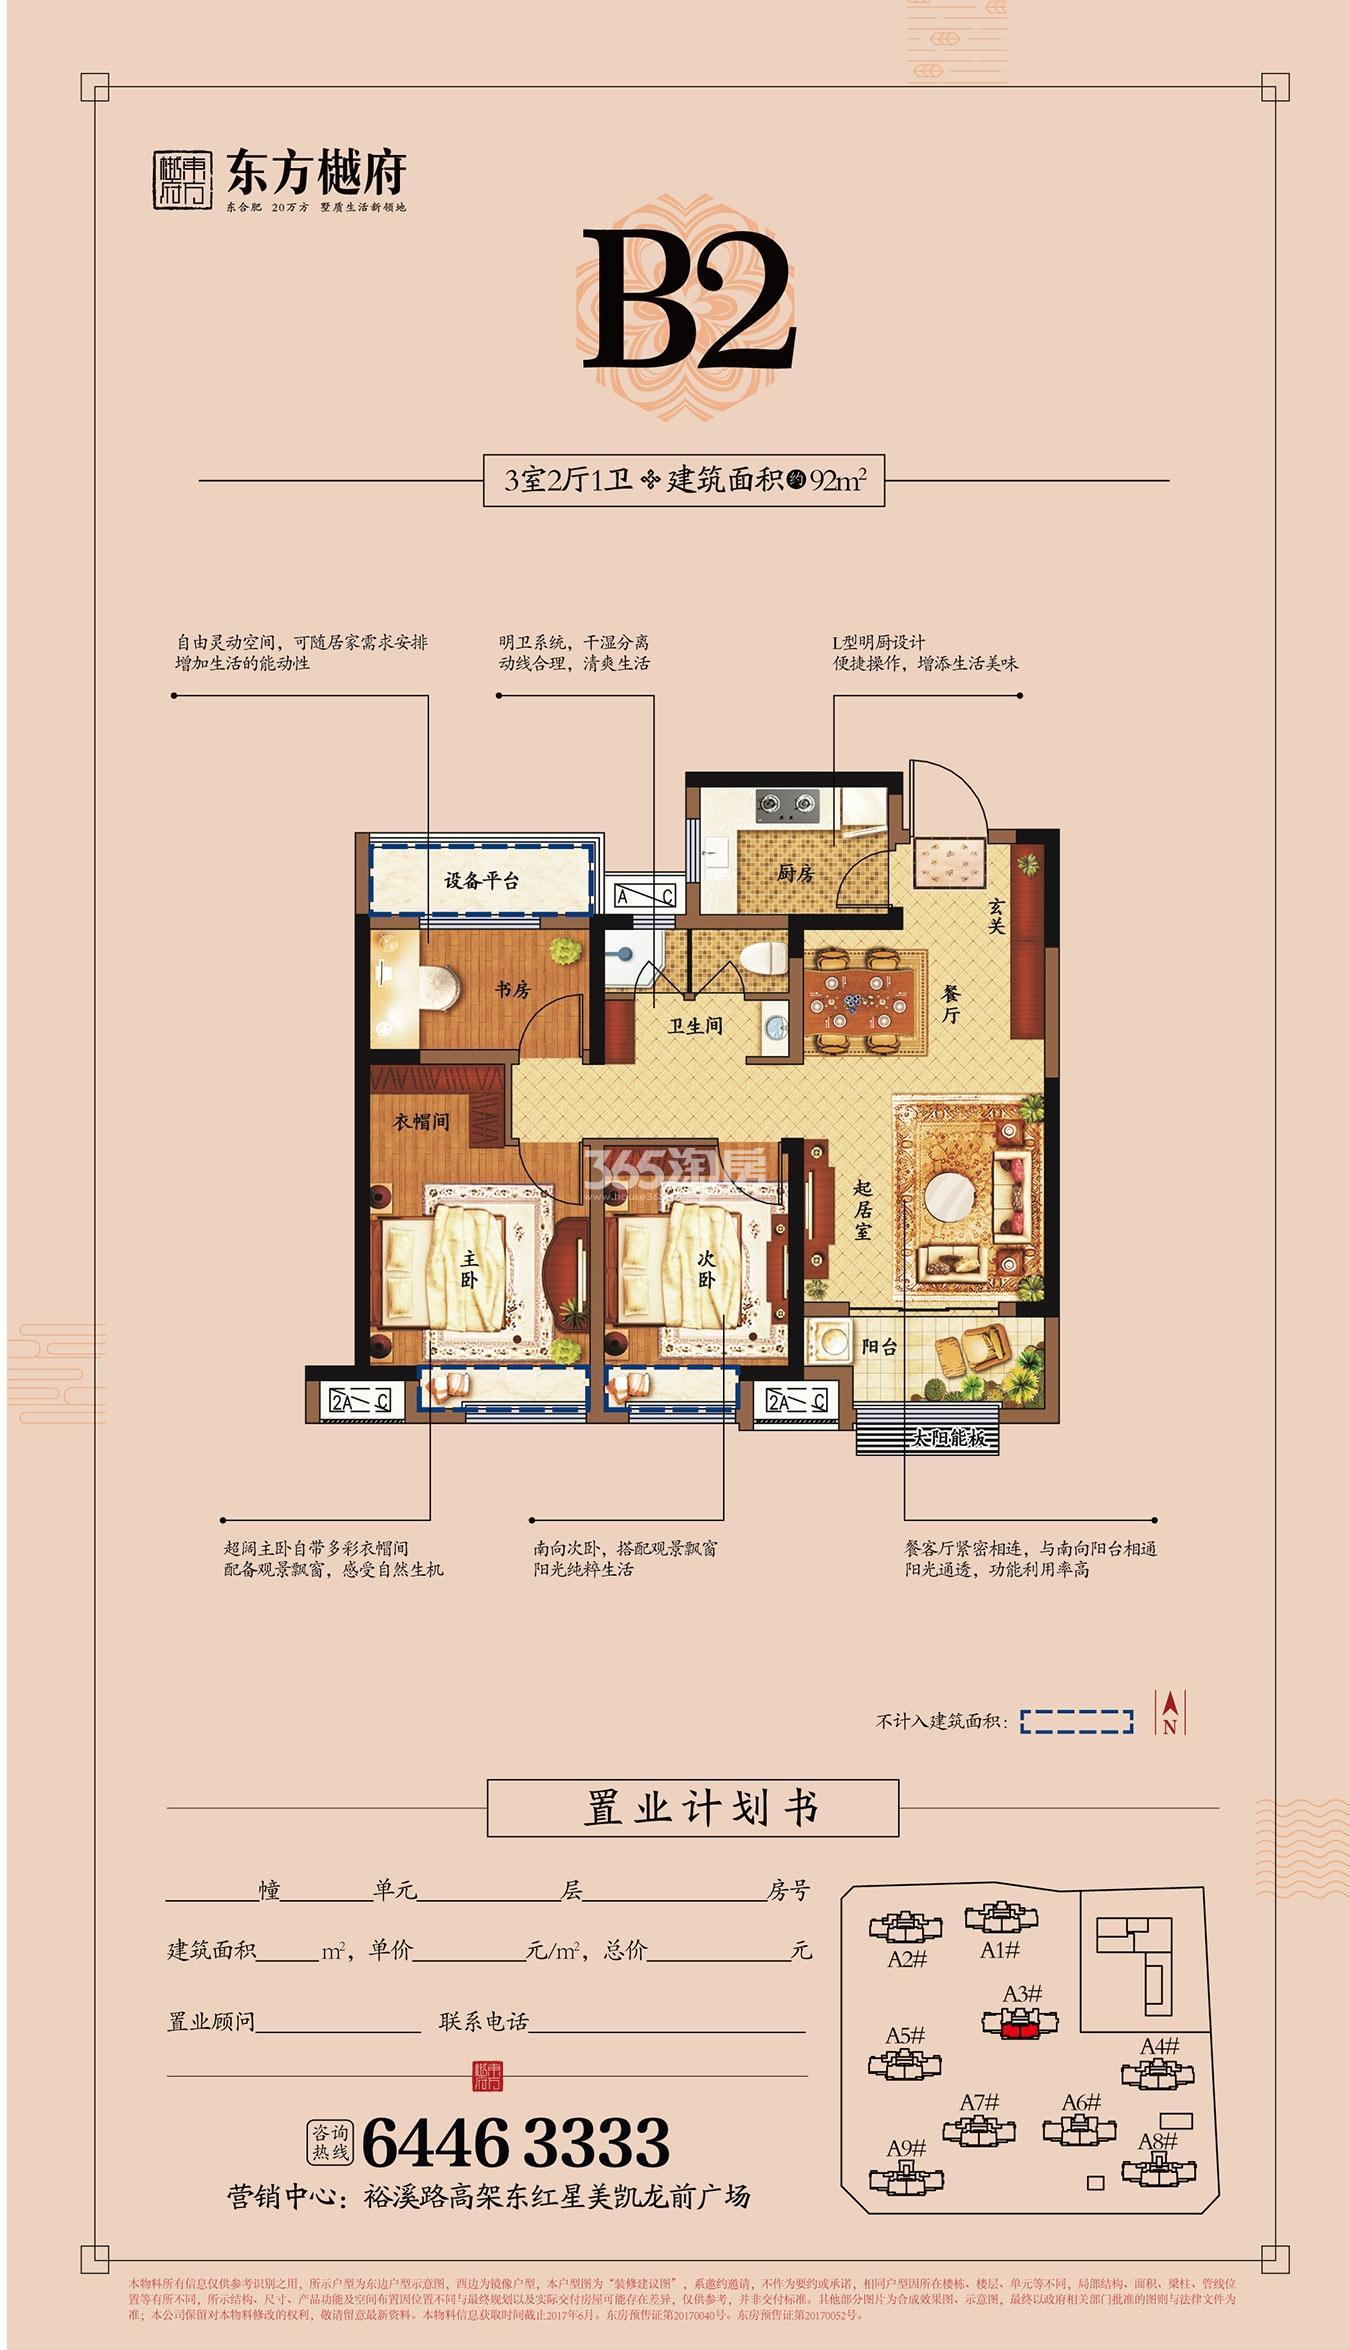 东方樾府B2 92㎡户型图